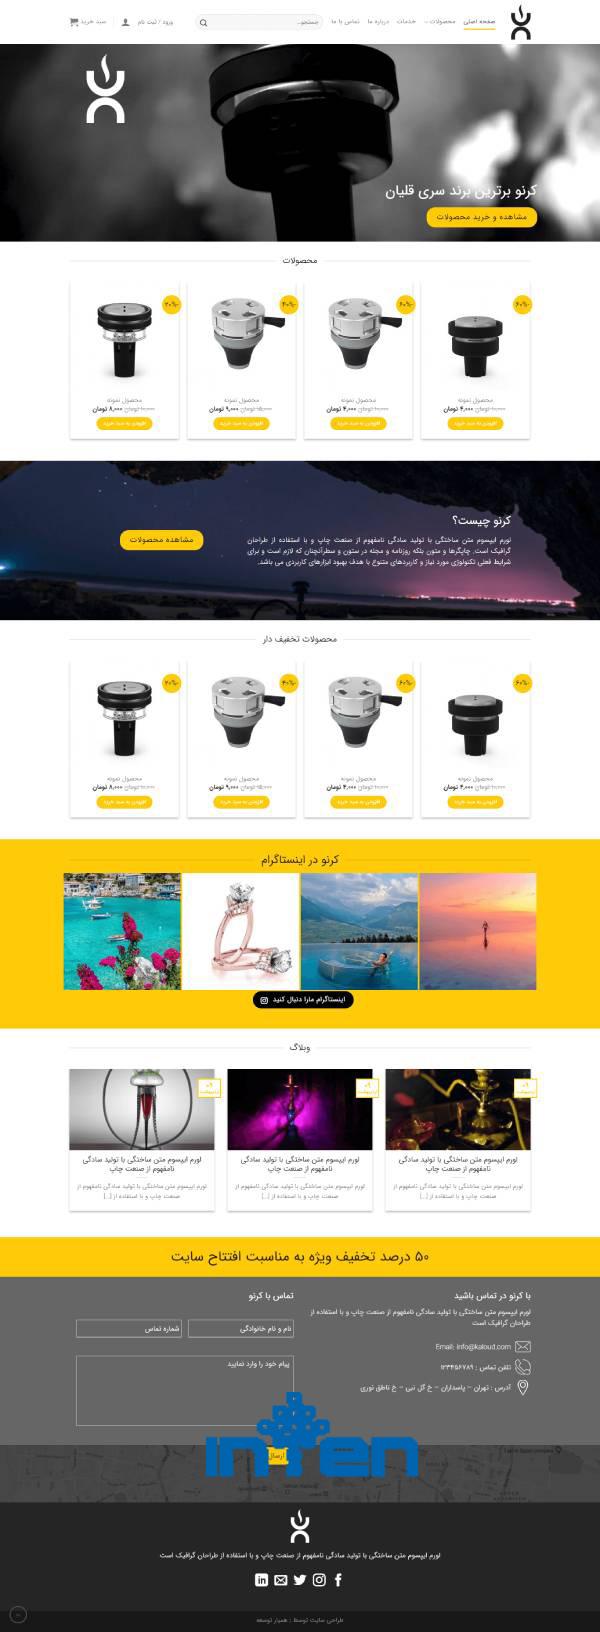 طراحی سایت-۱۰ شرکت برتر طراحی سایت